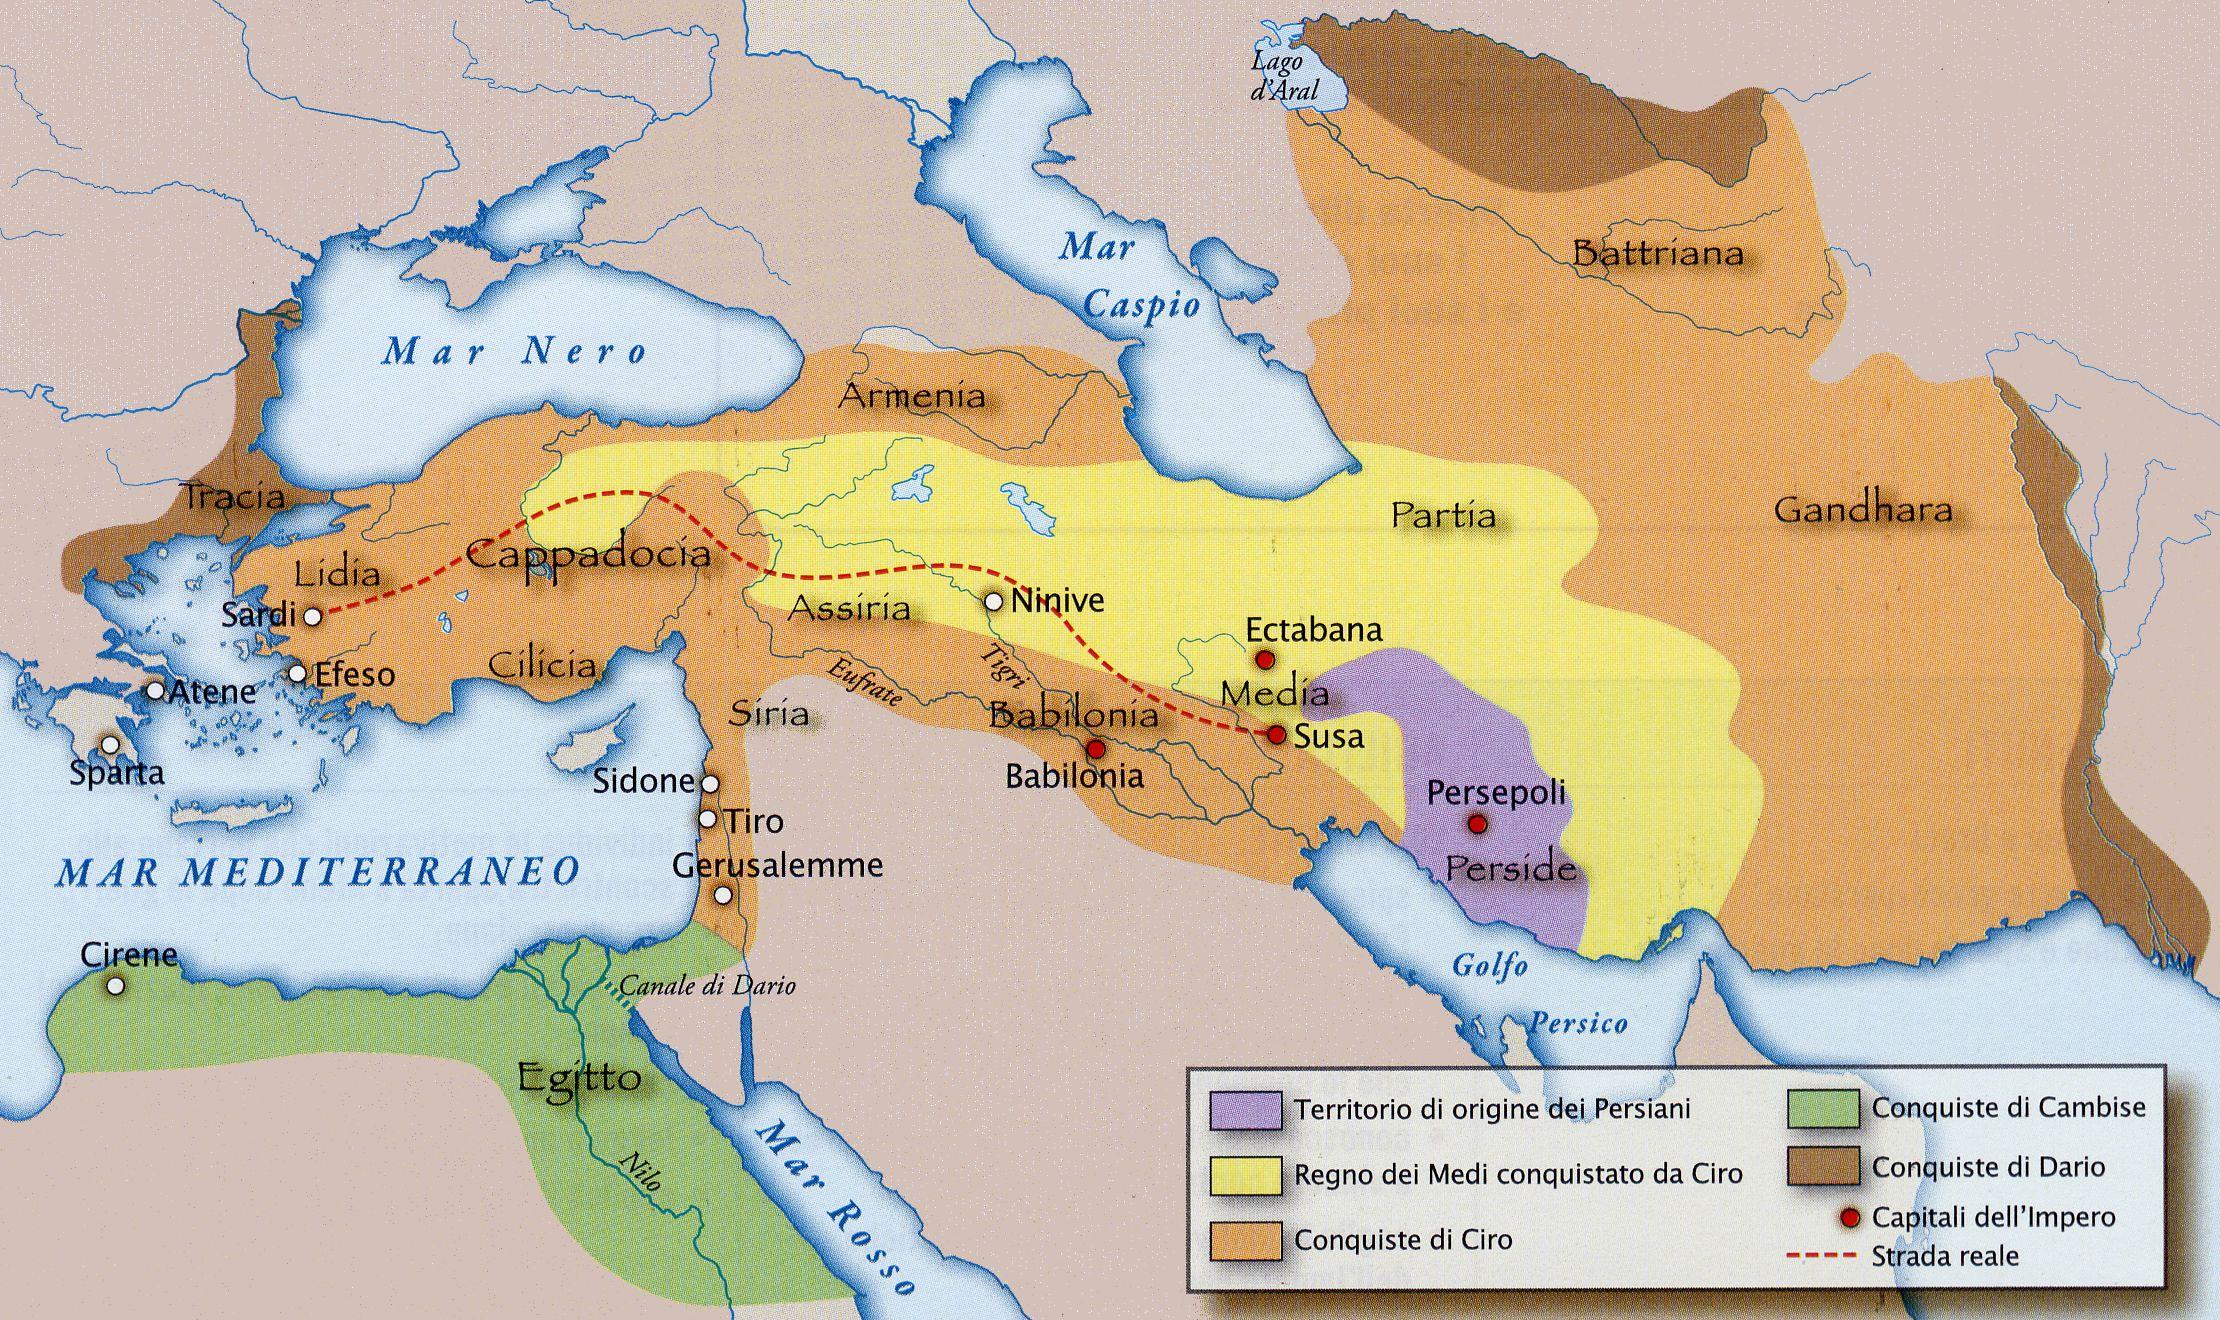 impero persiano L'impero Persiano Storia